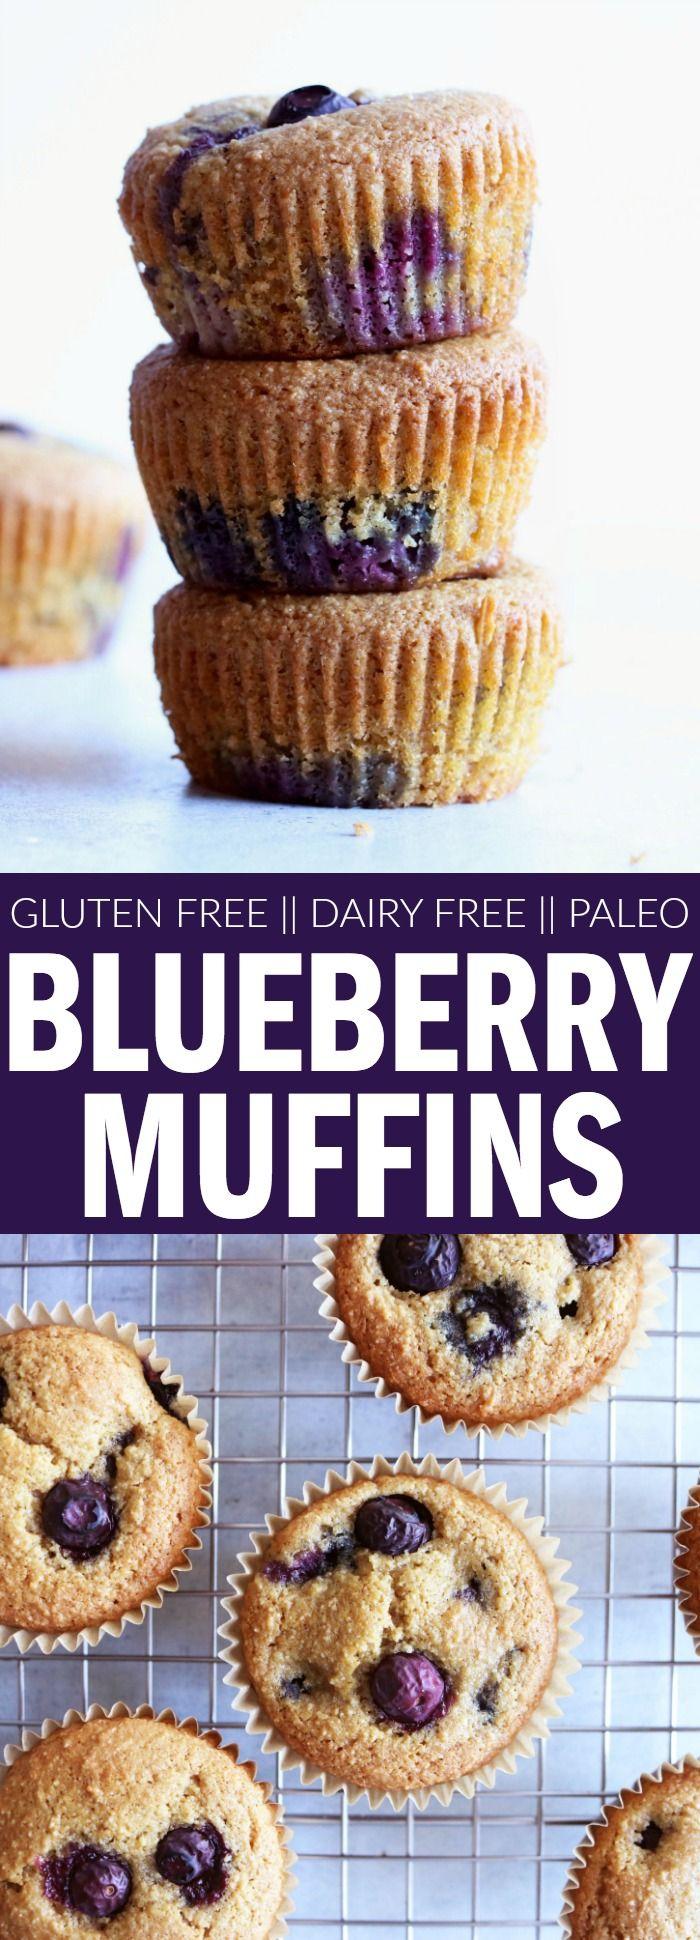 gluten free + paleo Blueberry Muffins!!